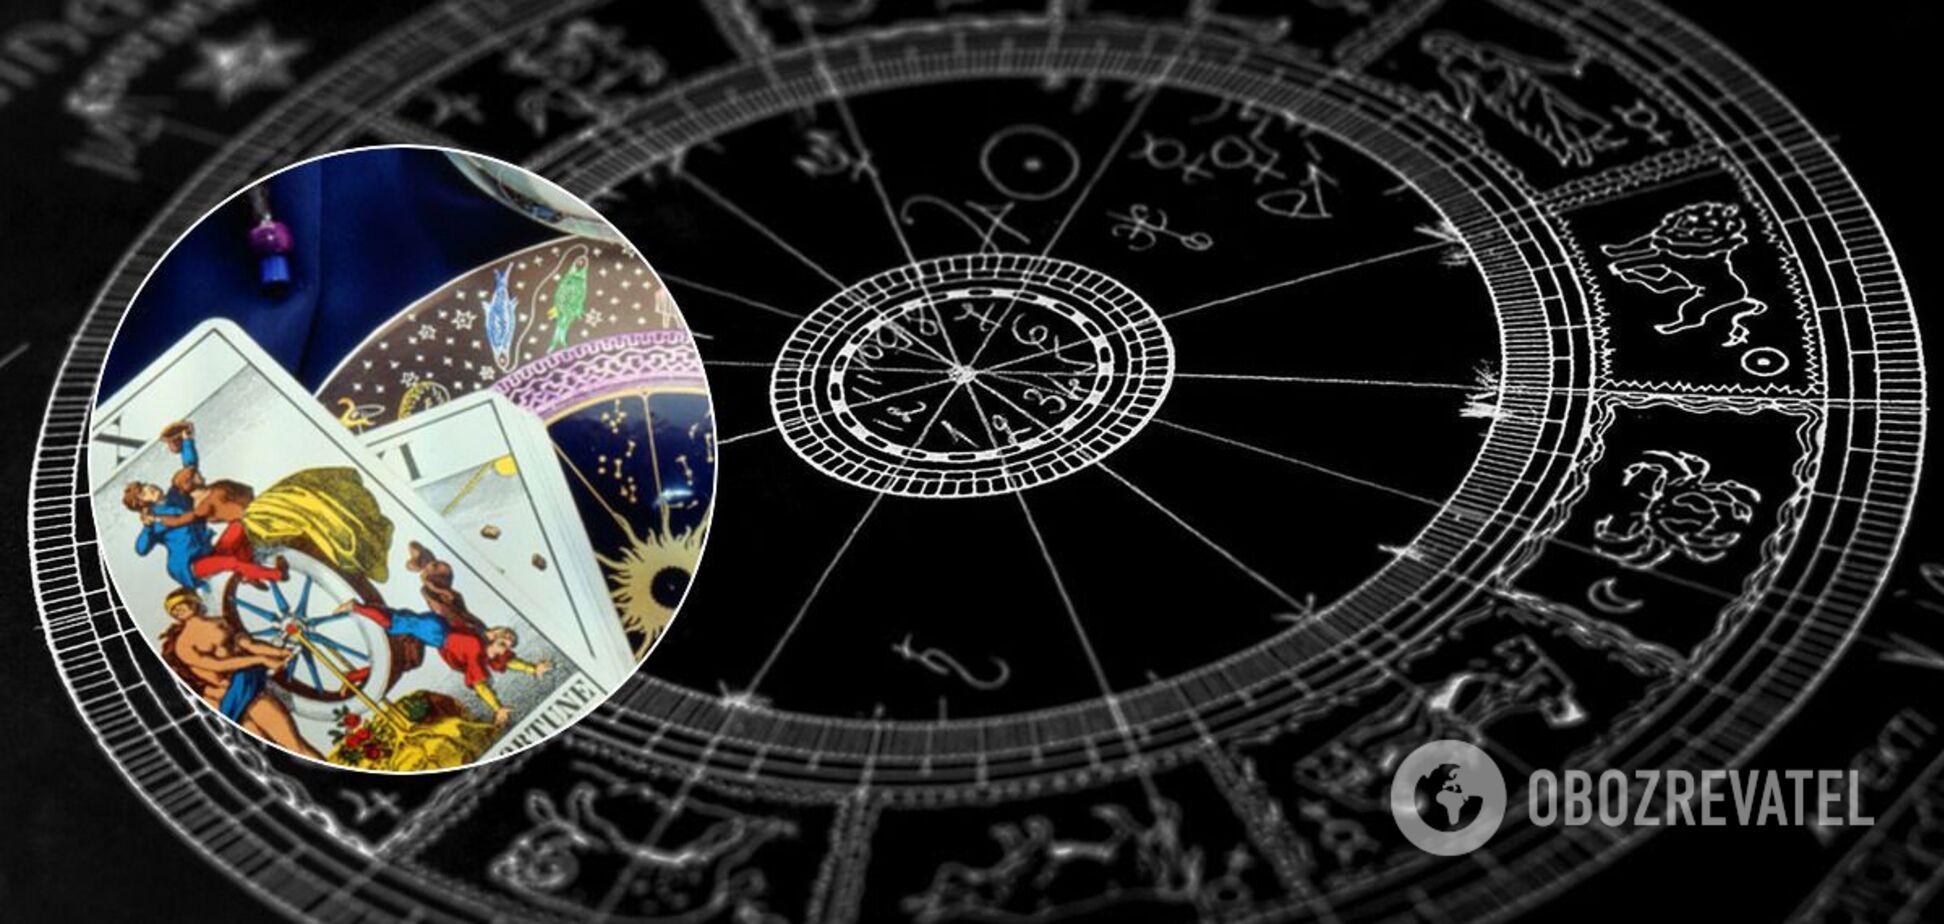 Гороскоп на сегодня для всех знаков по картам Таро